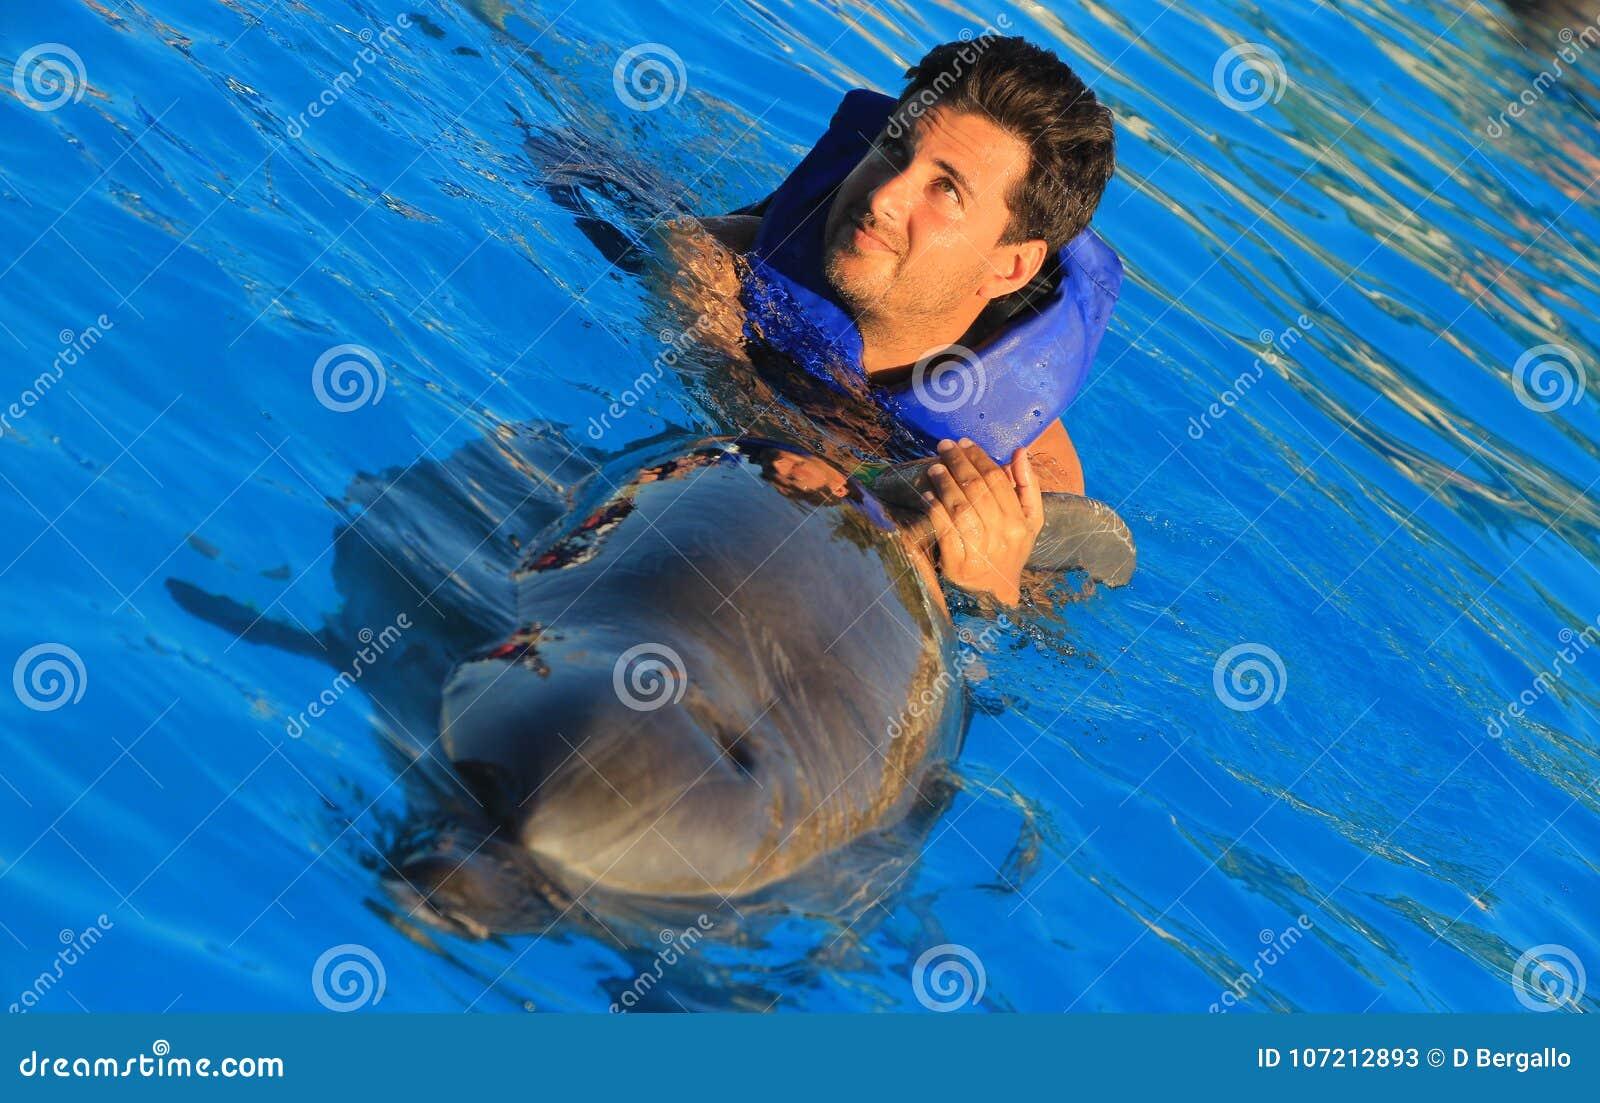 Заплывание человека зеленых глаз с дельфинами носа бутылки заплыва ребенк стороны шикарного флиппера дельфина усмехаясь счастливы